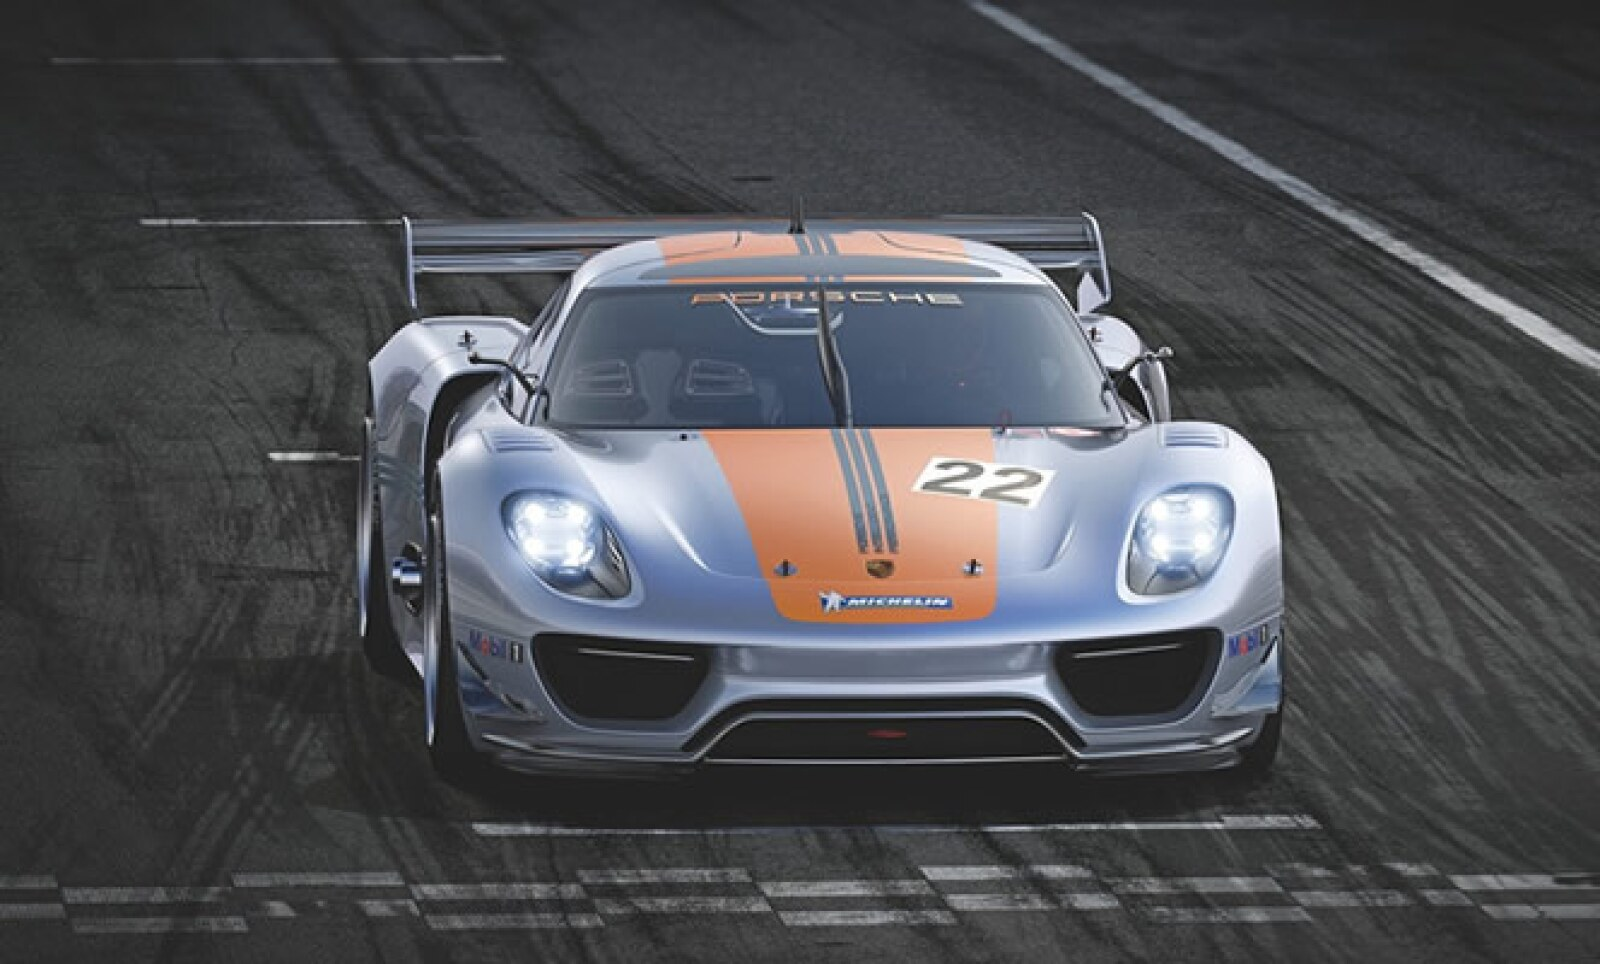 La marca de lujo alemana estuvo presente en este show para compartir un nuevo modelo de carreras que tiene como base su carrocería Spyder, pero con dos motores híbridos. Tiene una velocidad máxima de 222.3 kilómetros por hora.